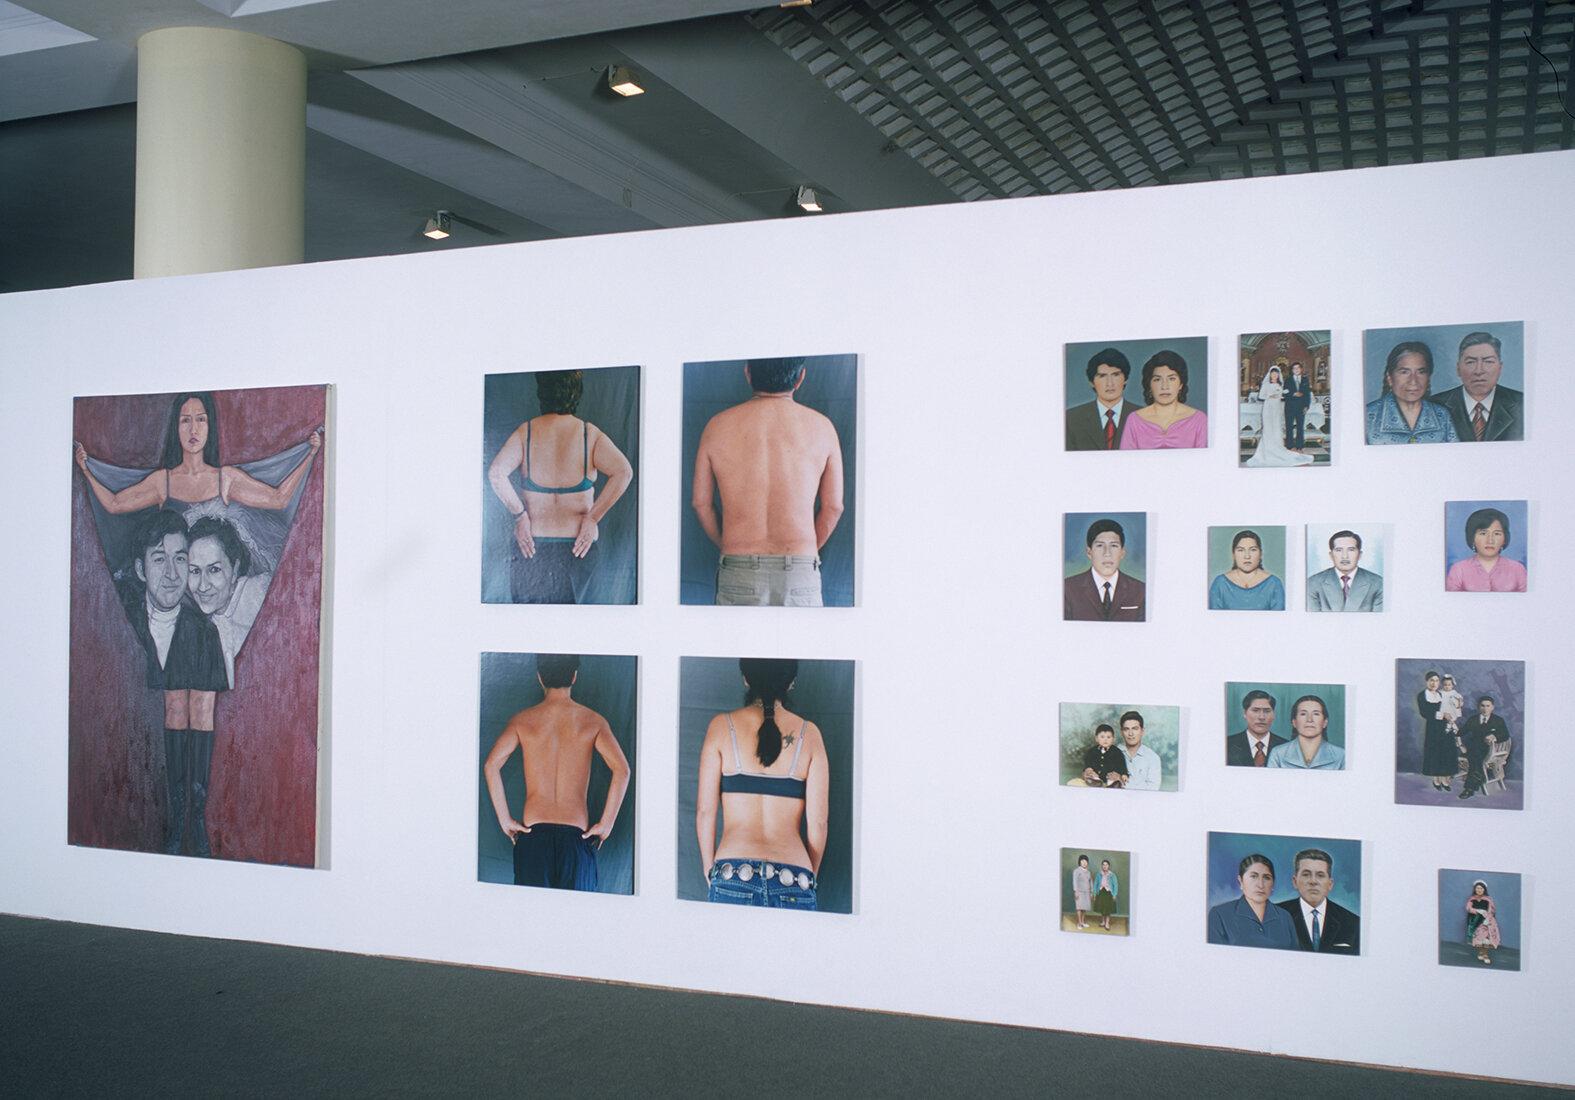 Vista de instalación en la Bienal de Lima, casa de Rivera el Viejo, 2000. Fotografía por Jaime Chávez Guillén.